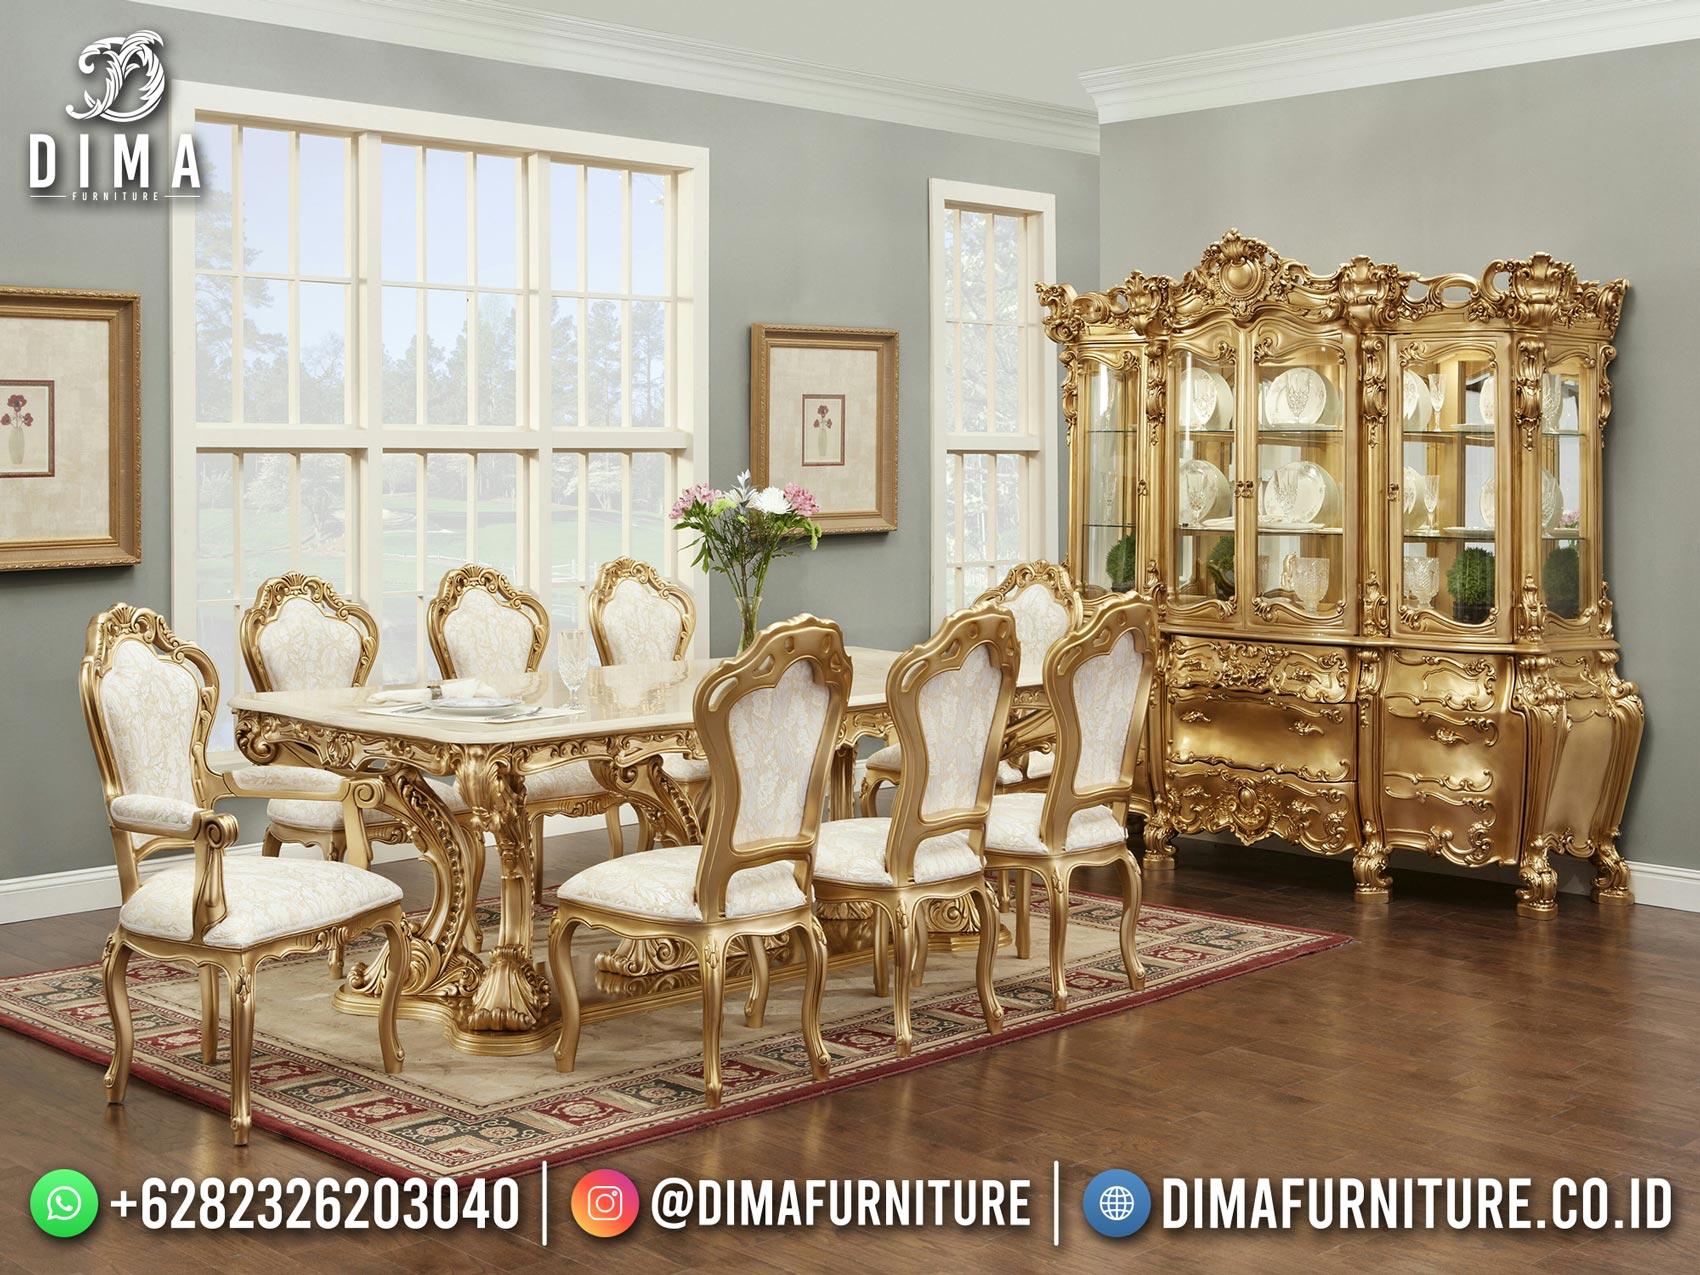 Meja Makan Mewah Ukir Klasik Golden Duco Glorious Style Furniture Jepara TTJ-1727